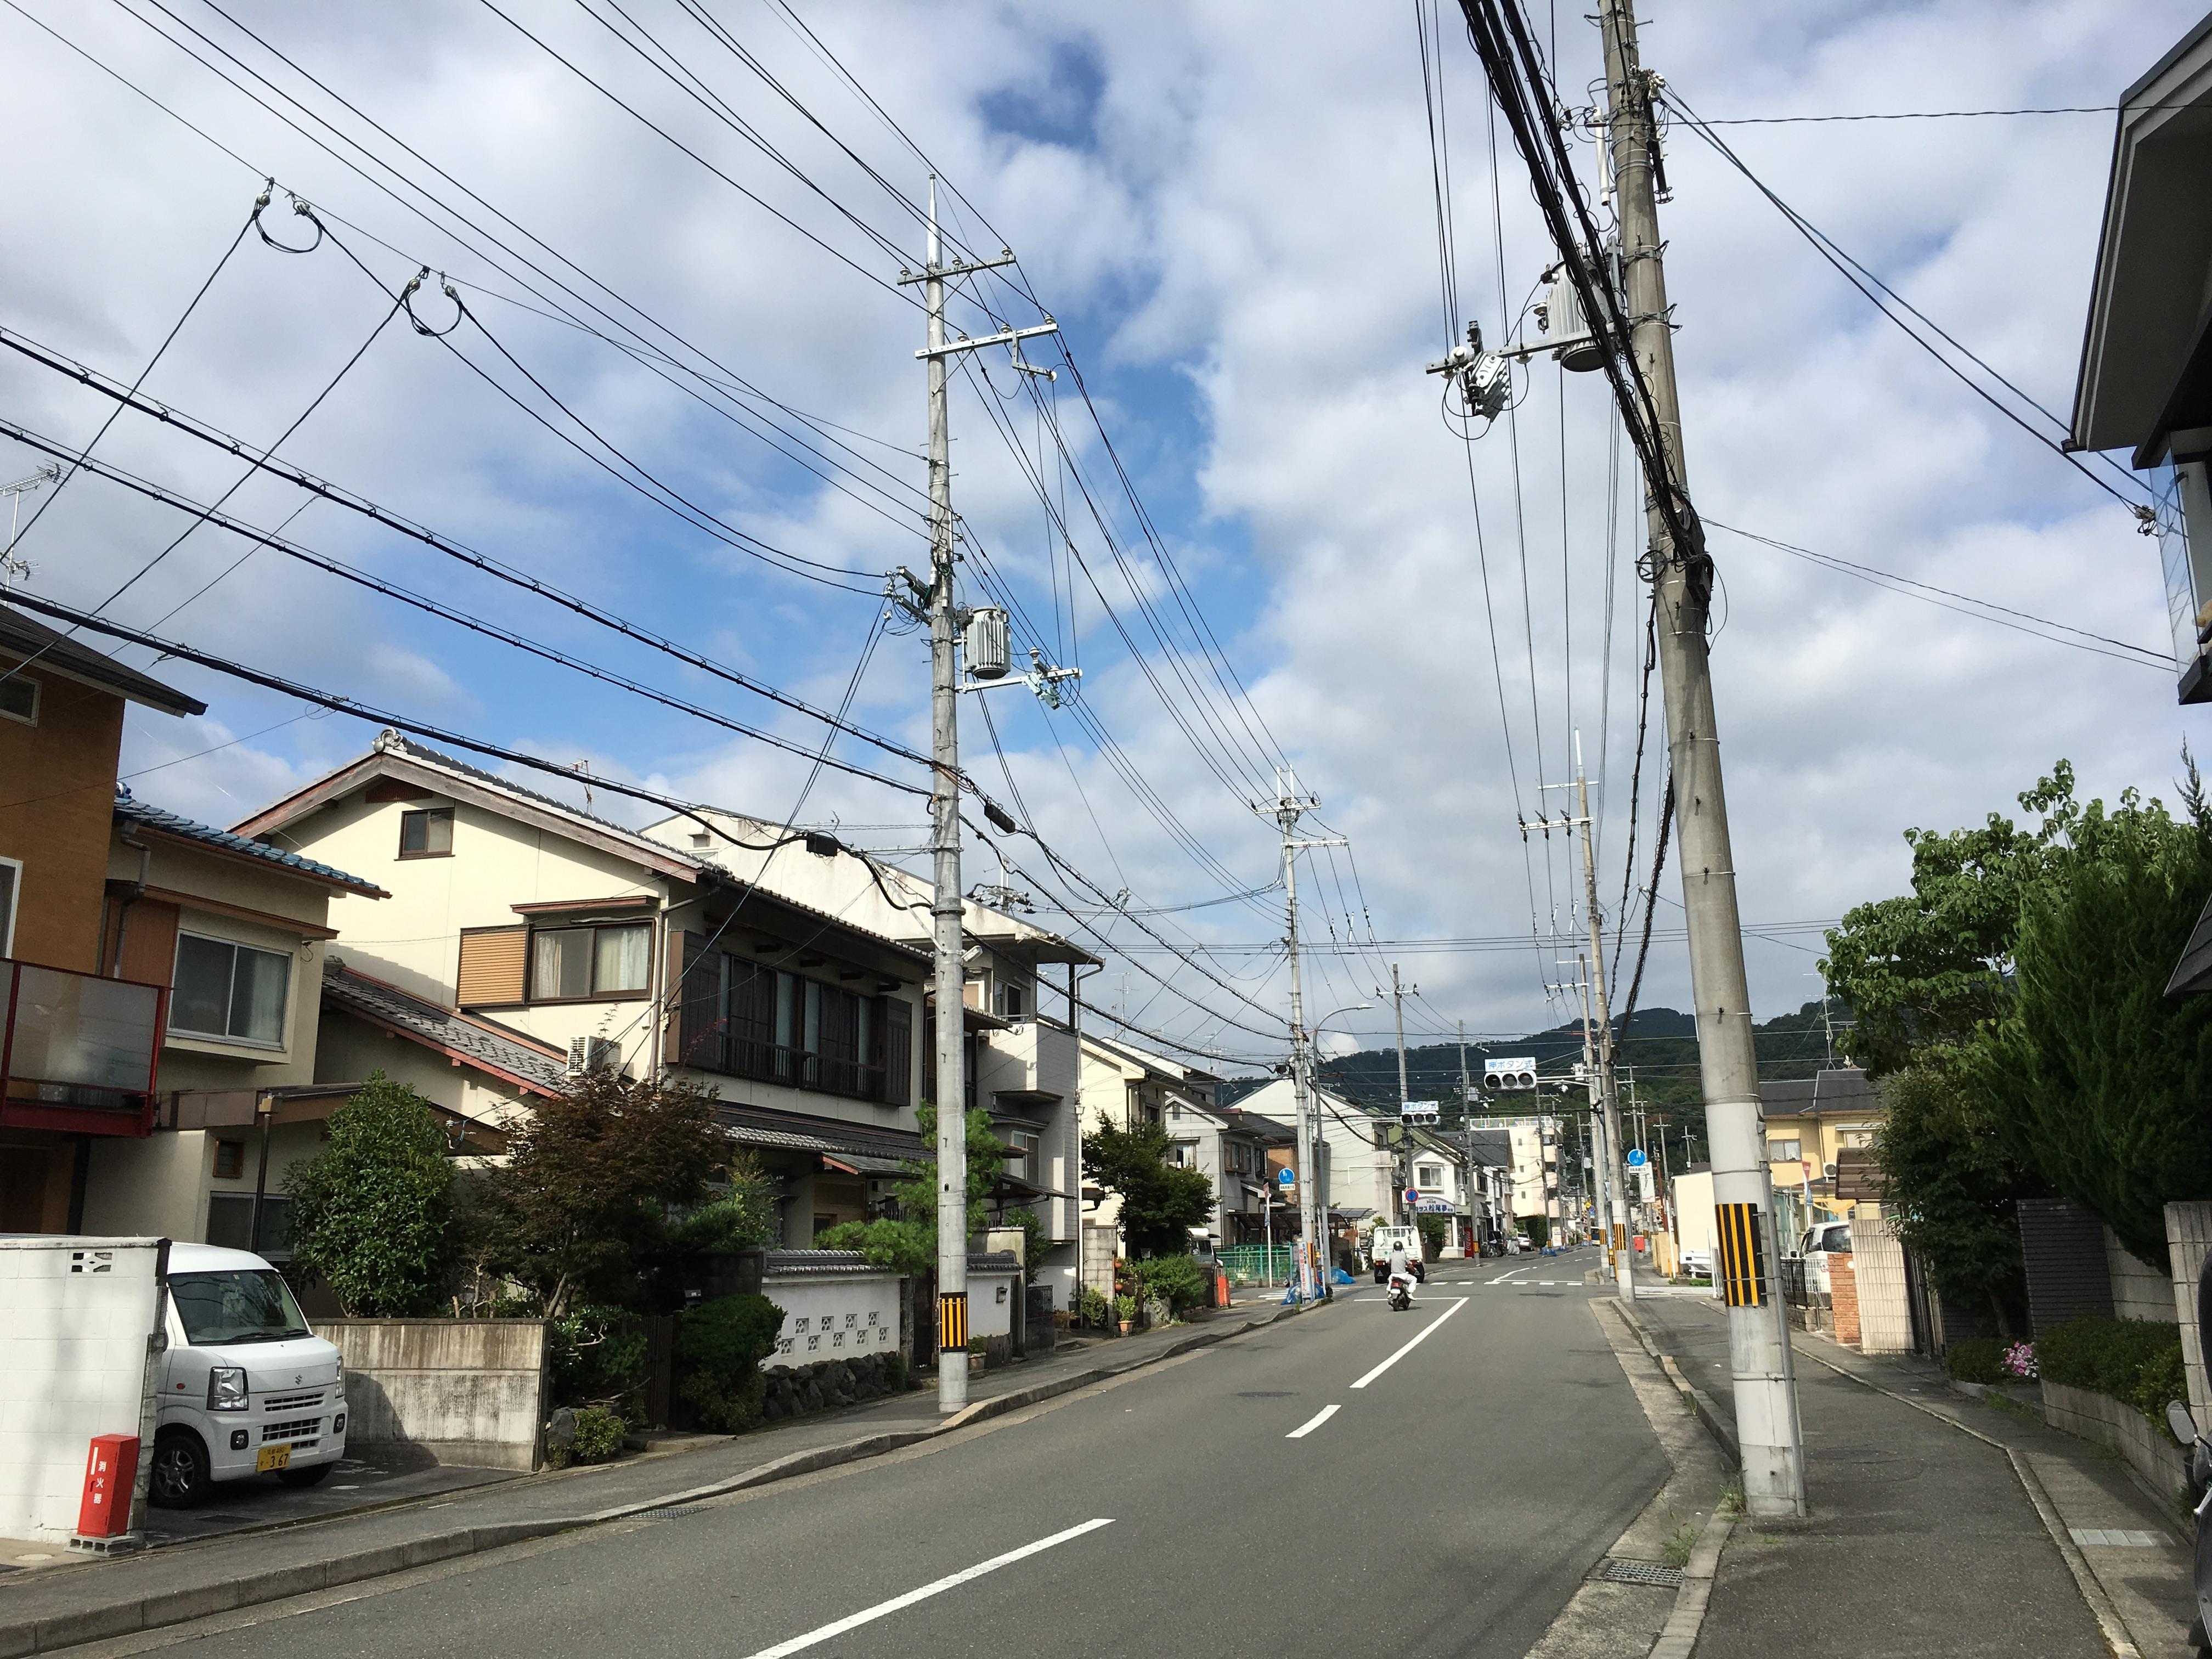 電信柱と町の景観